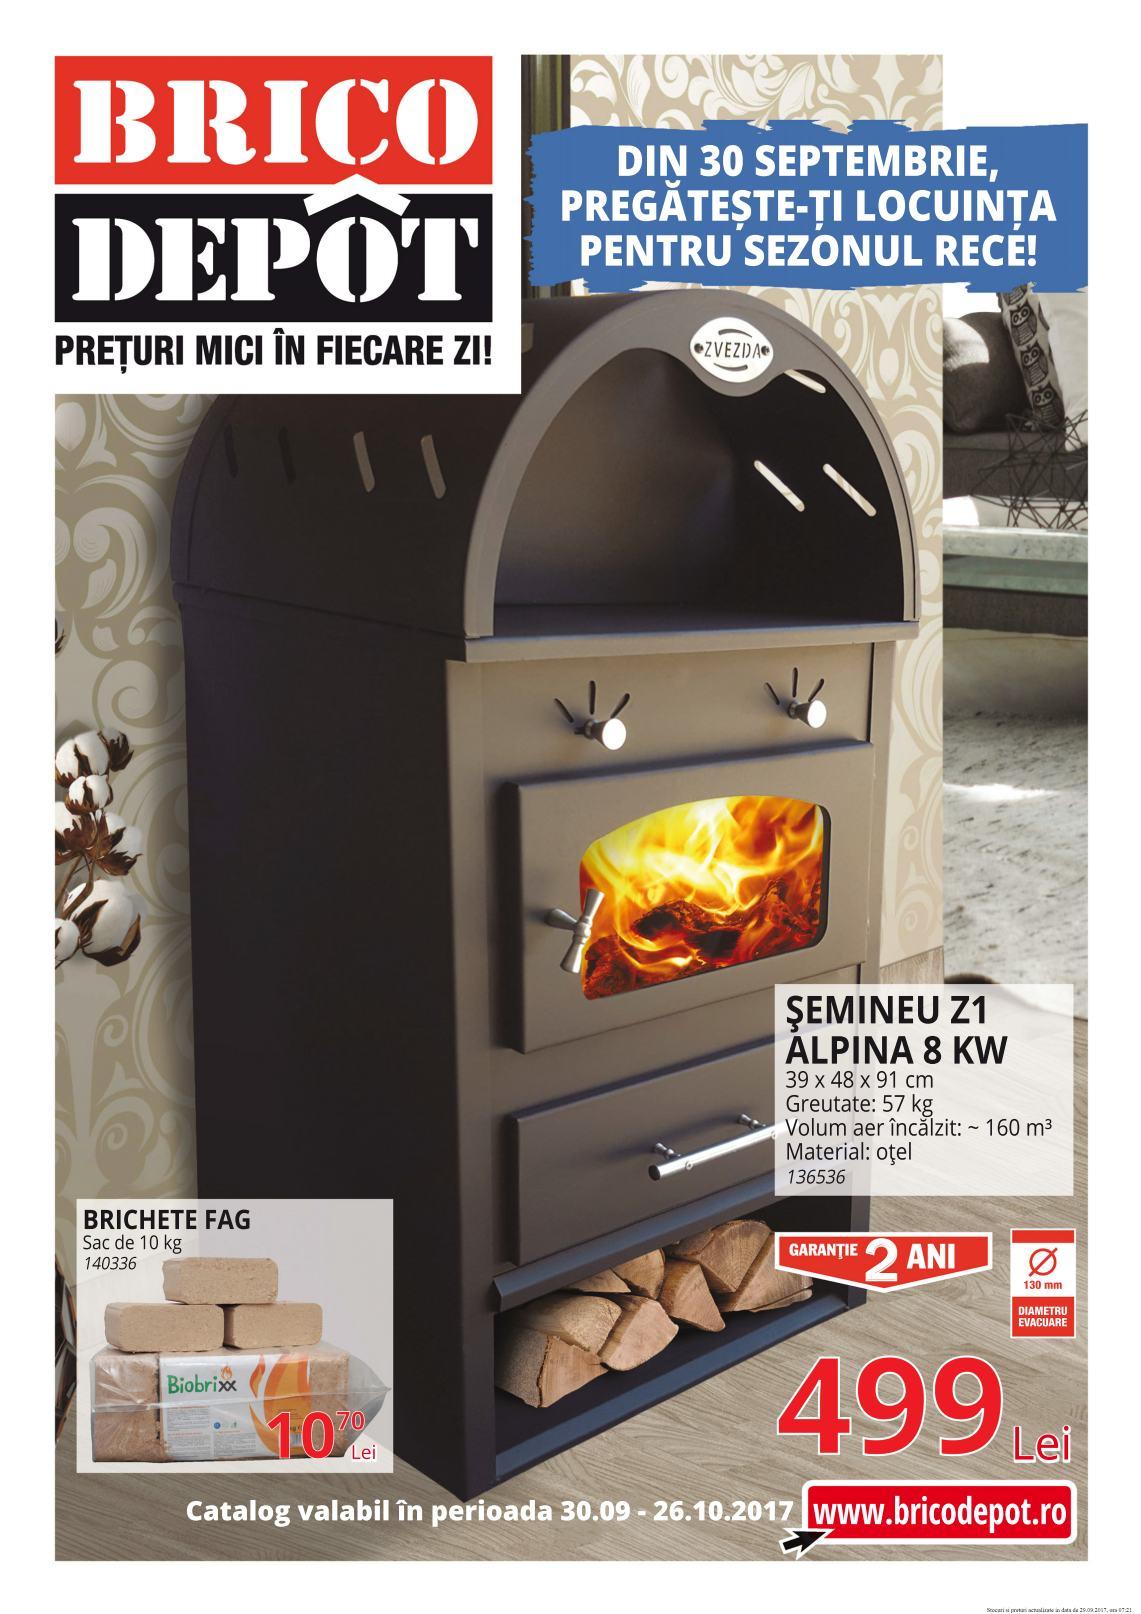 Catalog Brico Depôt 30 septembrie - 26 octombrie 2017